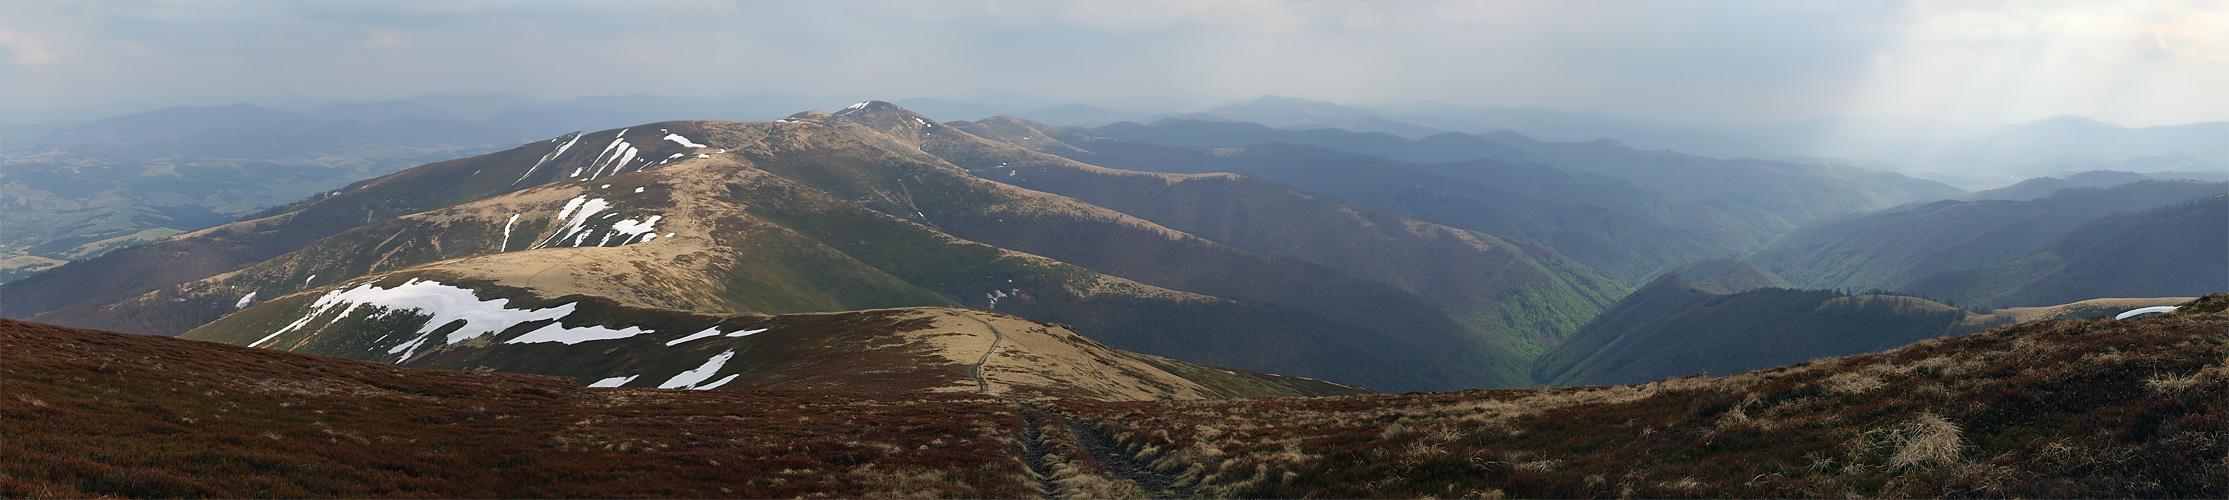 Полонина Боржава в конце апреля. Вид с горы Великий Верх (1598 м)